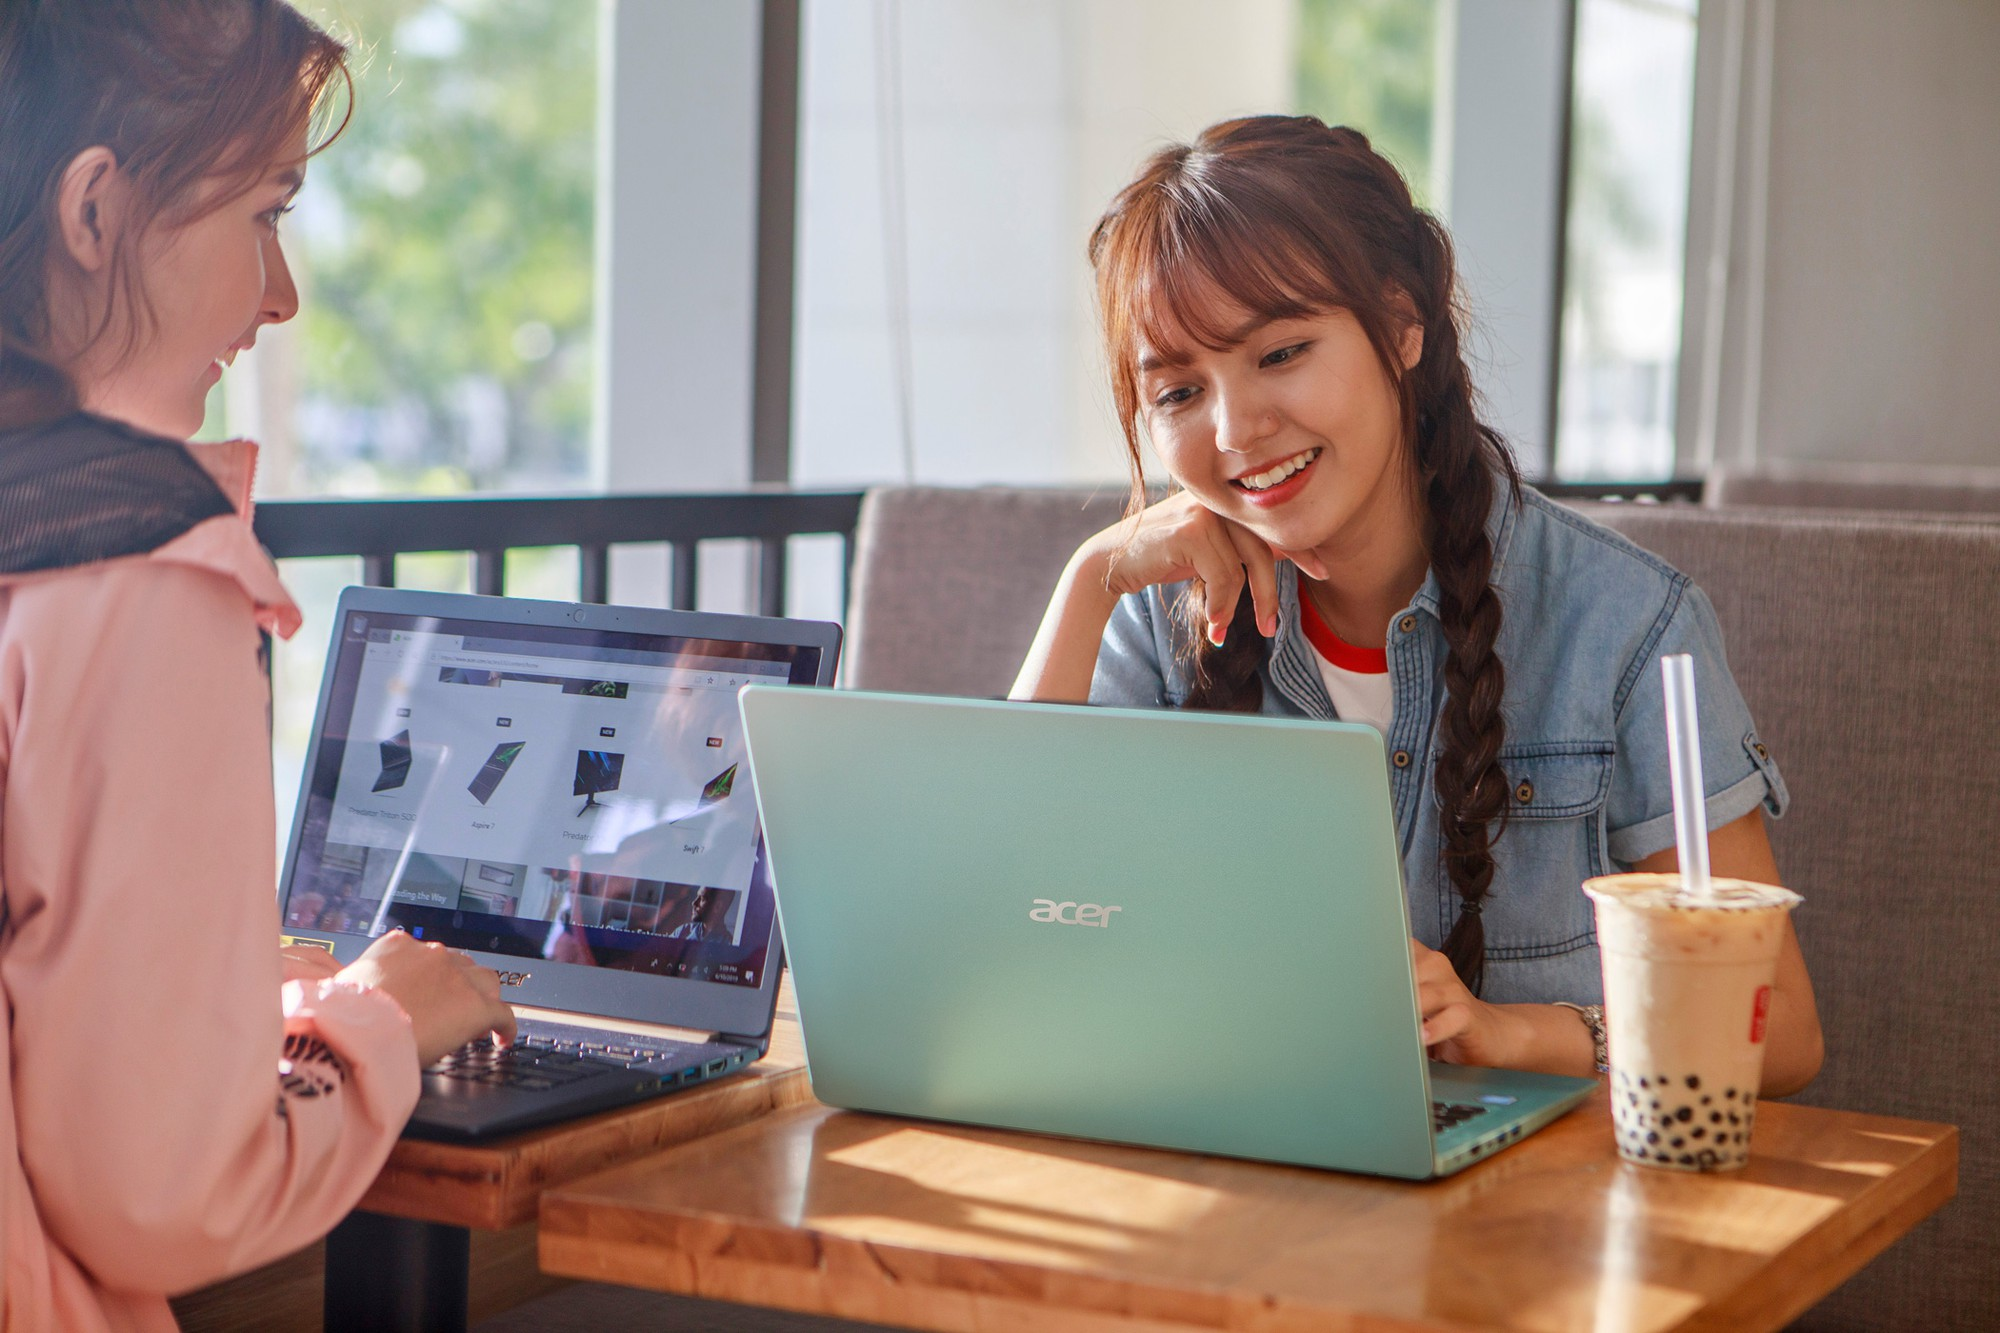 Acer giới thiệu chương trình khuyến mãi lớn nhất trong năm nhân mùa tựu trường Back To School - Ảnh 3.